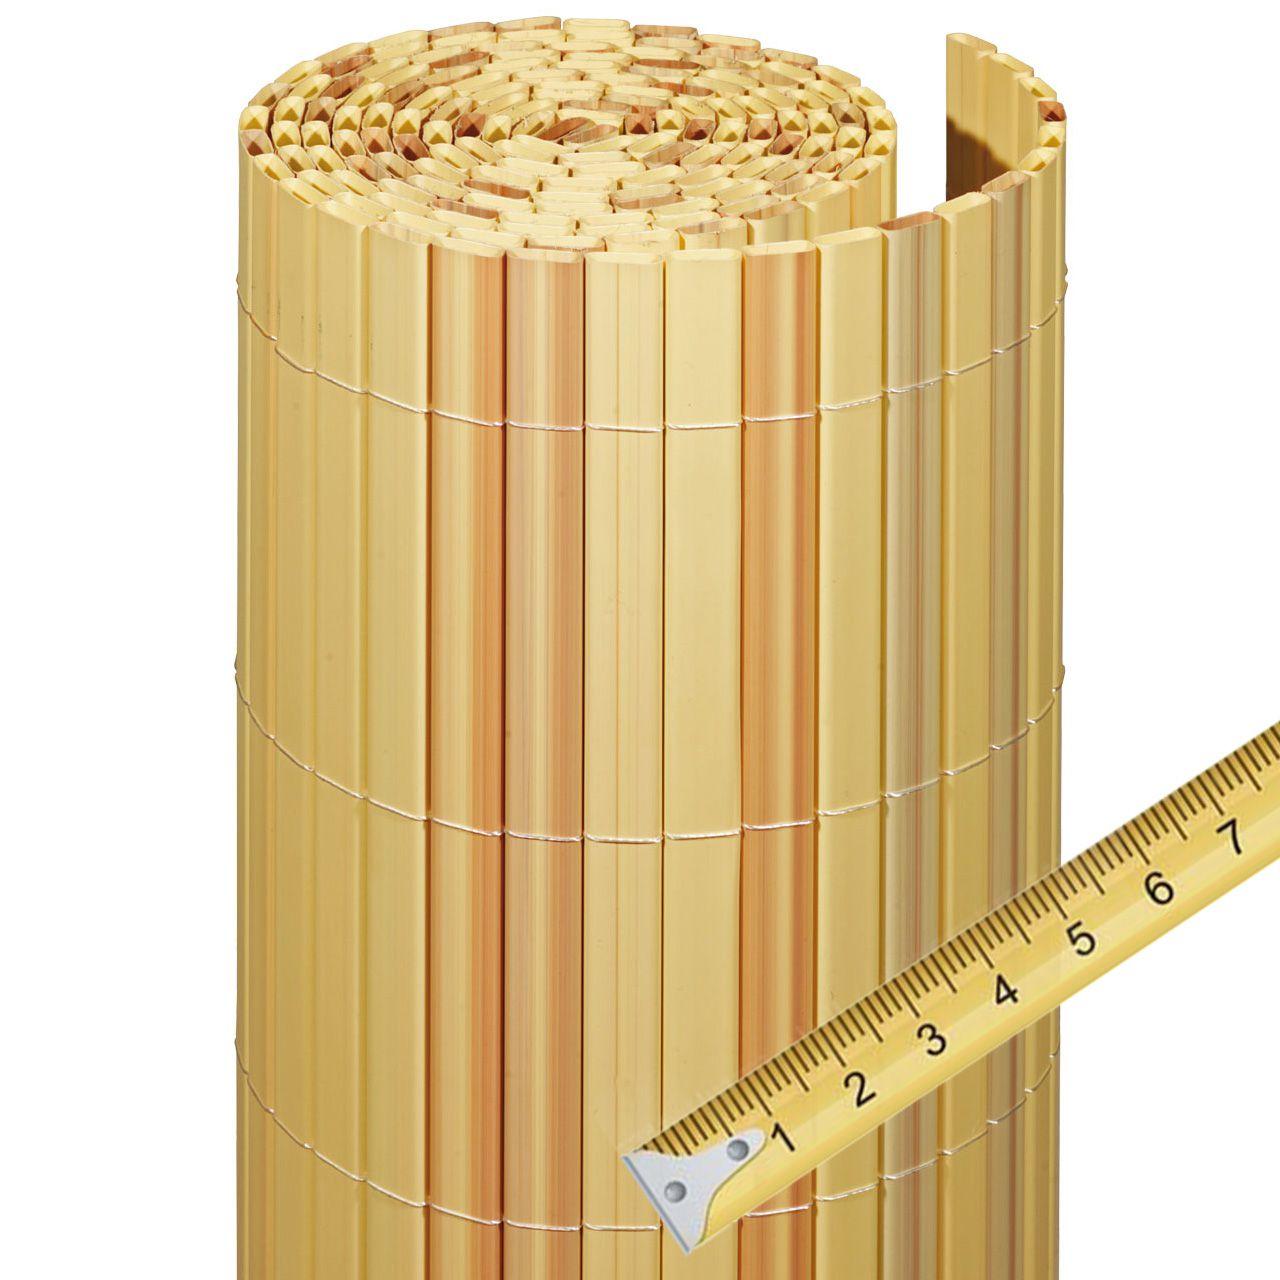 Sichtschutzzaun PVC Kunststoff Meterware Rügen bambus